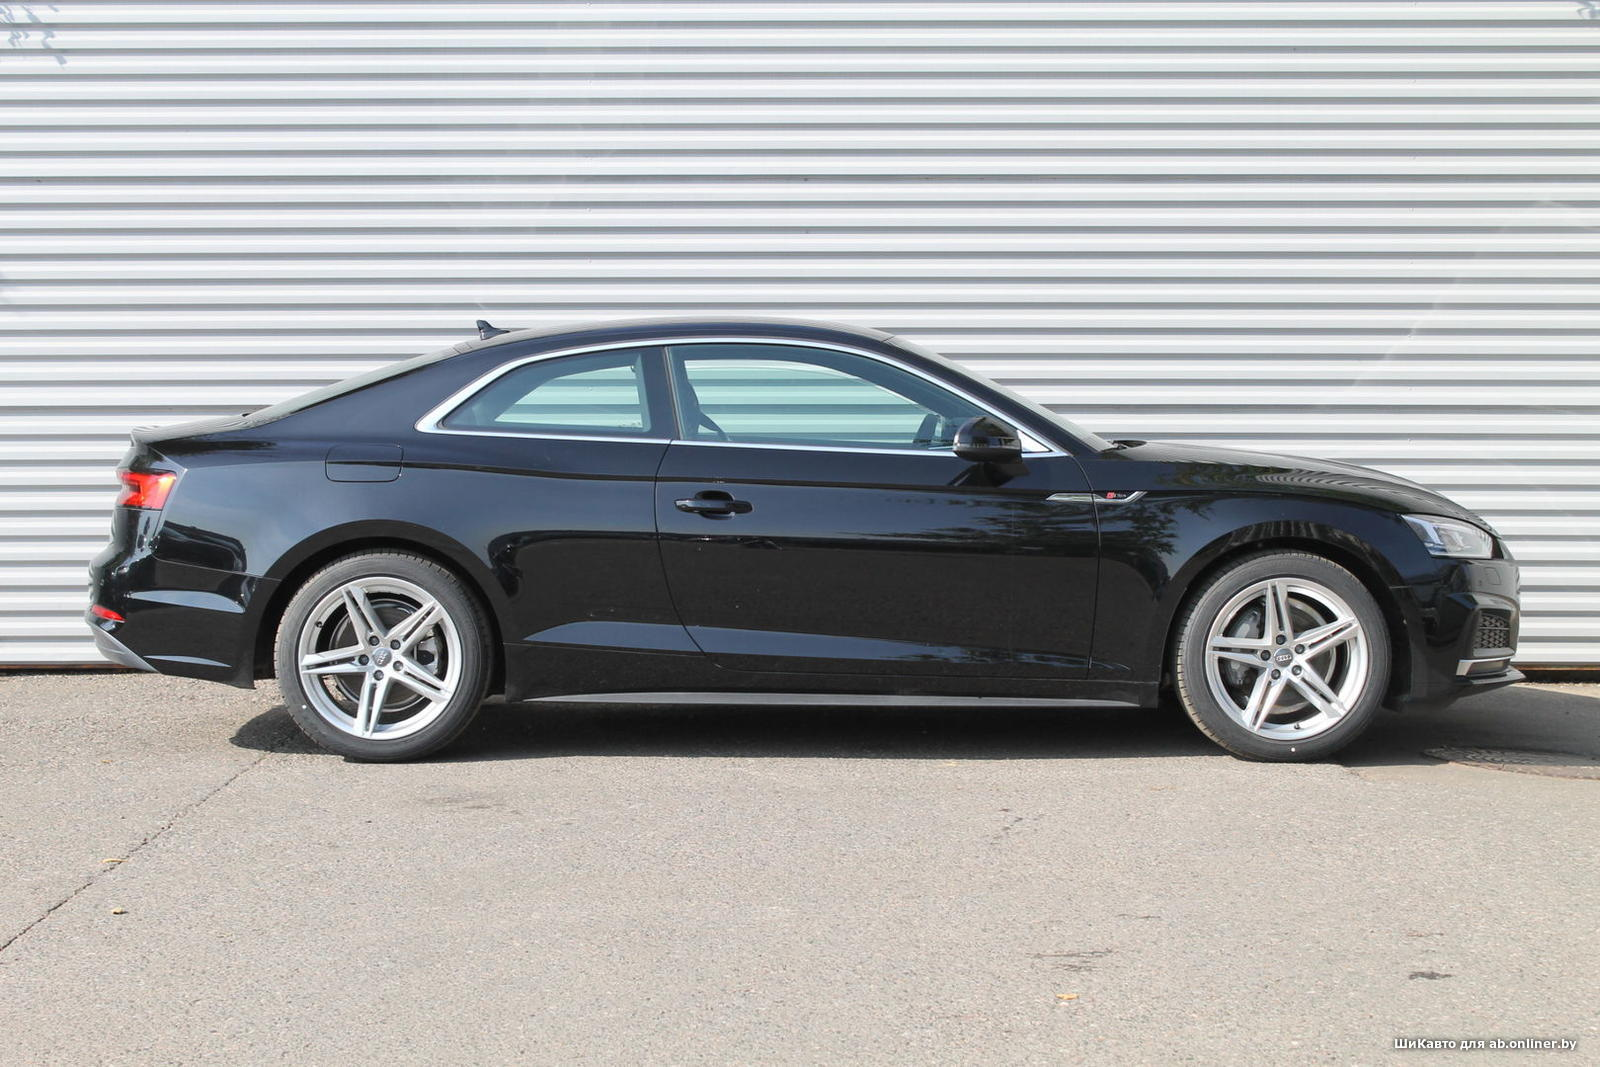 Audi A5 Coupe 2.0 TDI quattro